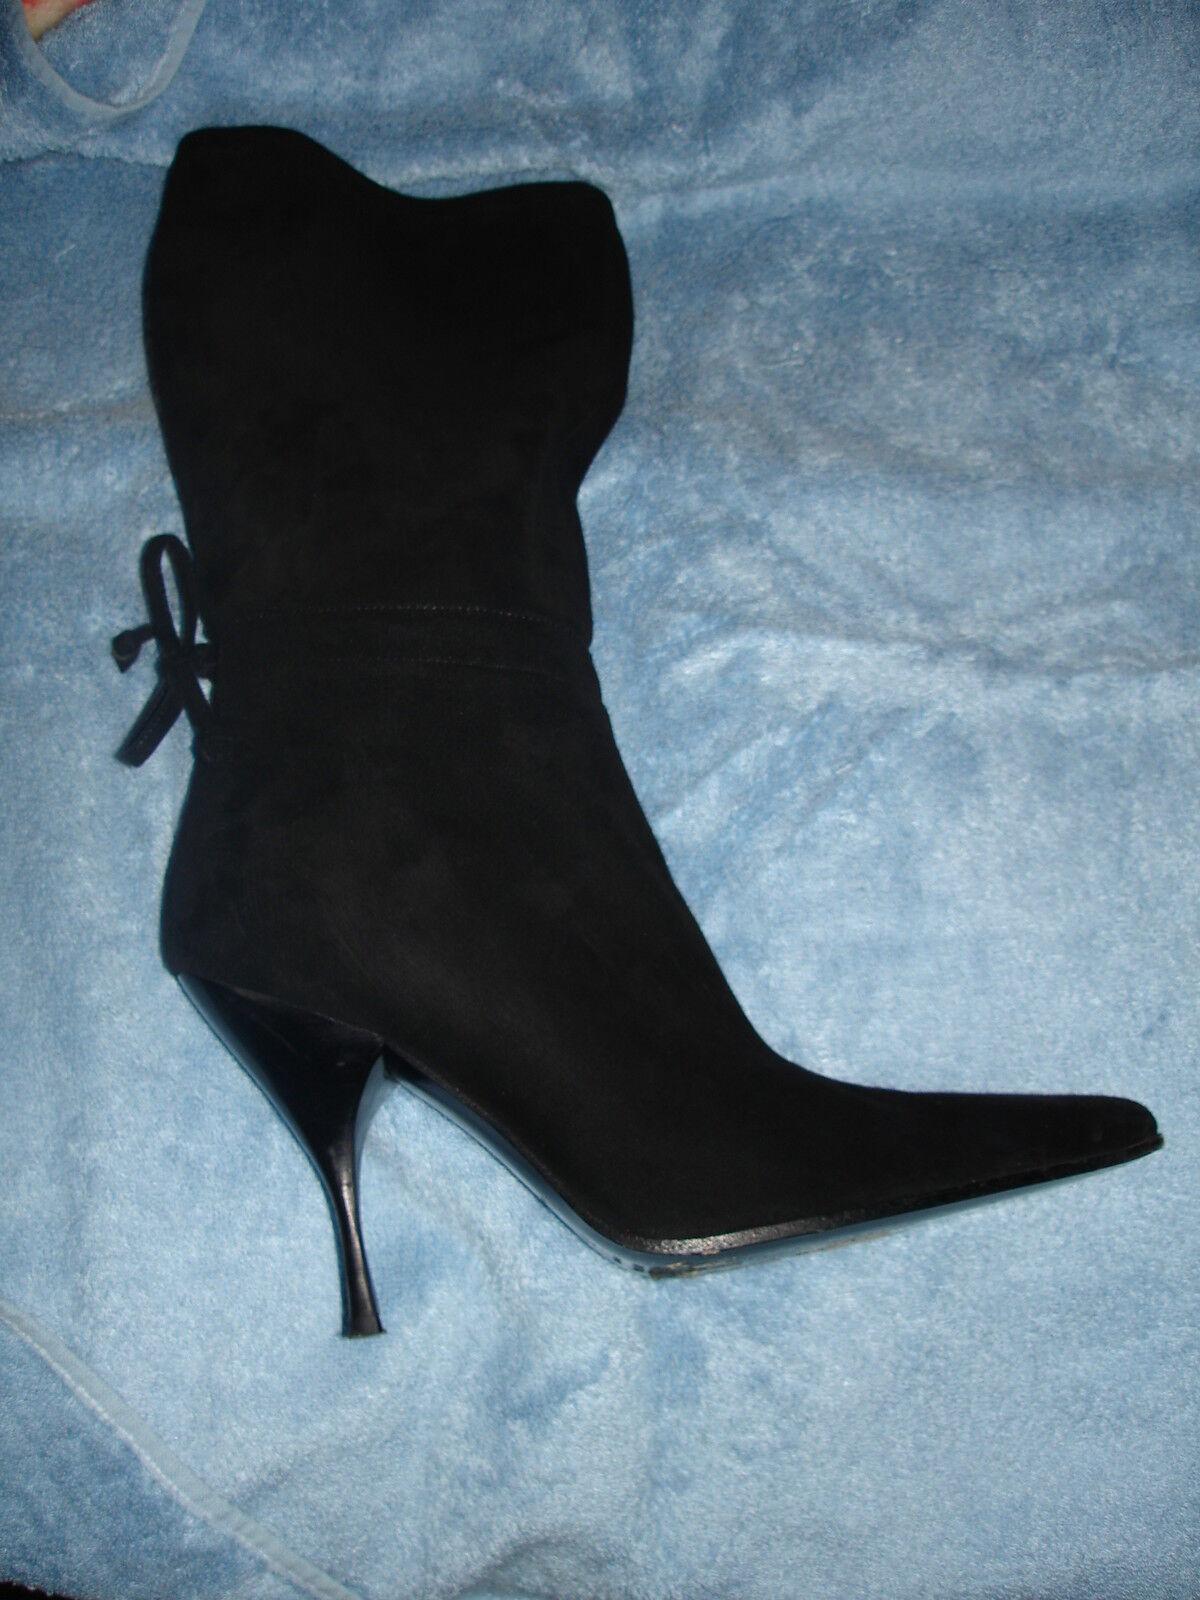 Muy Elegante Elegante Elegante Miu Miu negro botas de ante  respuestas rápidas